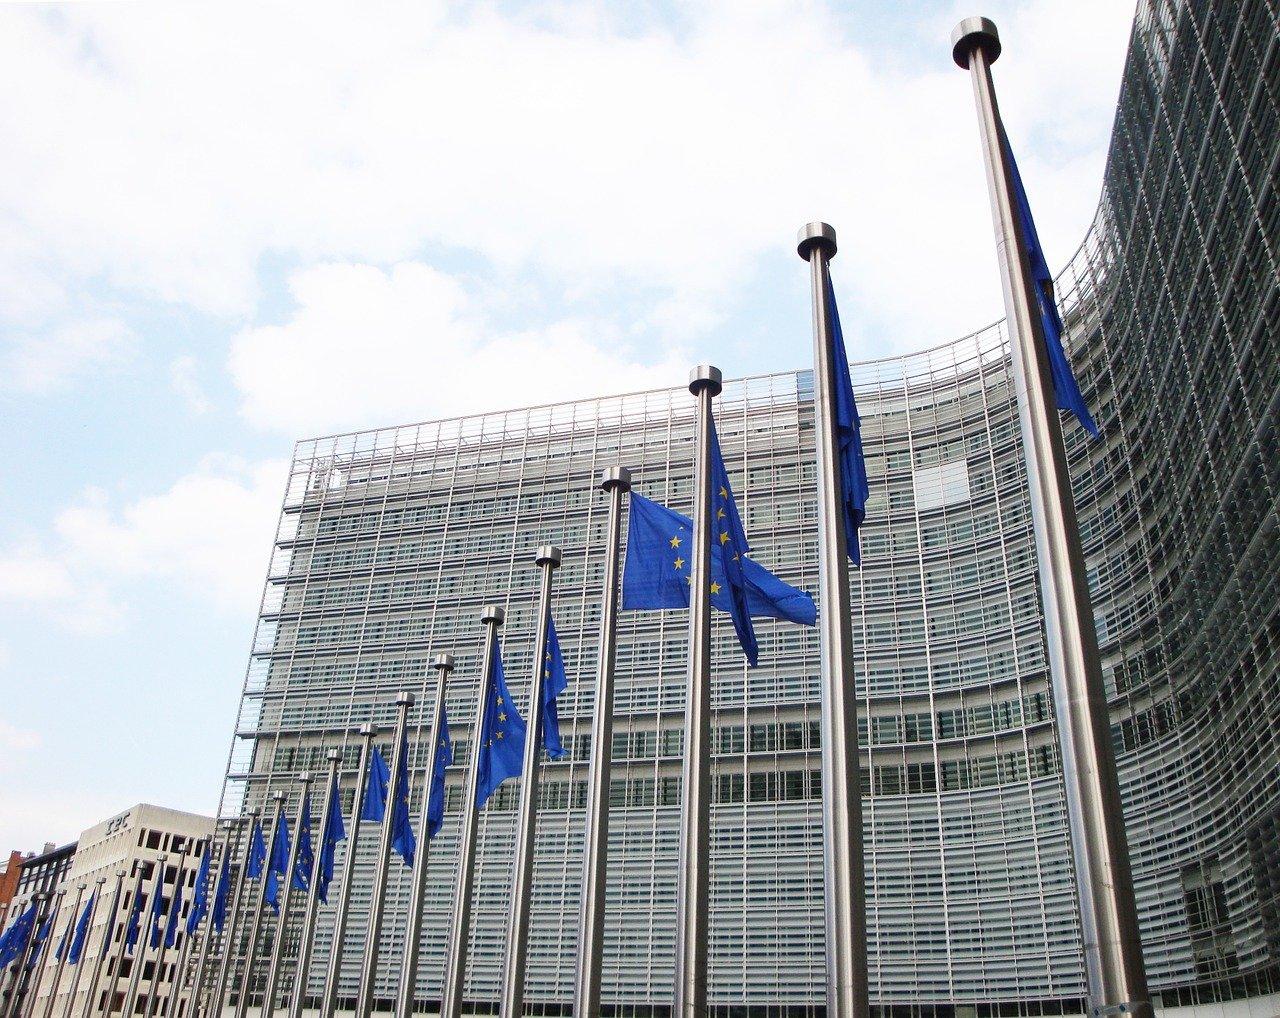 Biocarburanti: Moretto (Iv), riallineare norme a quelle Ue